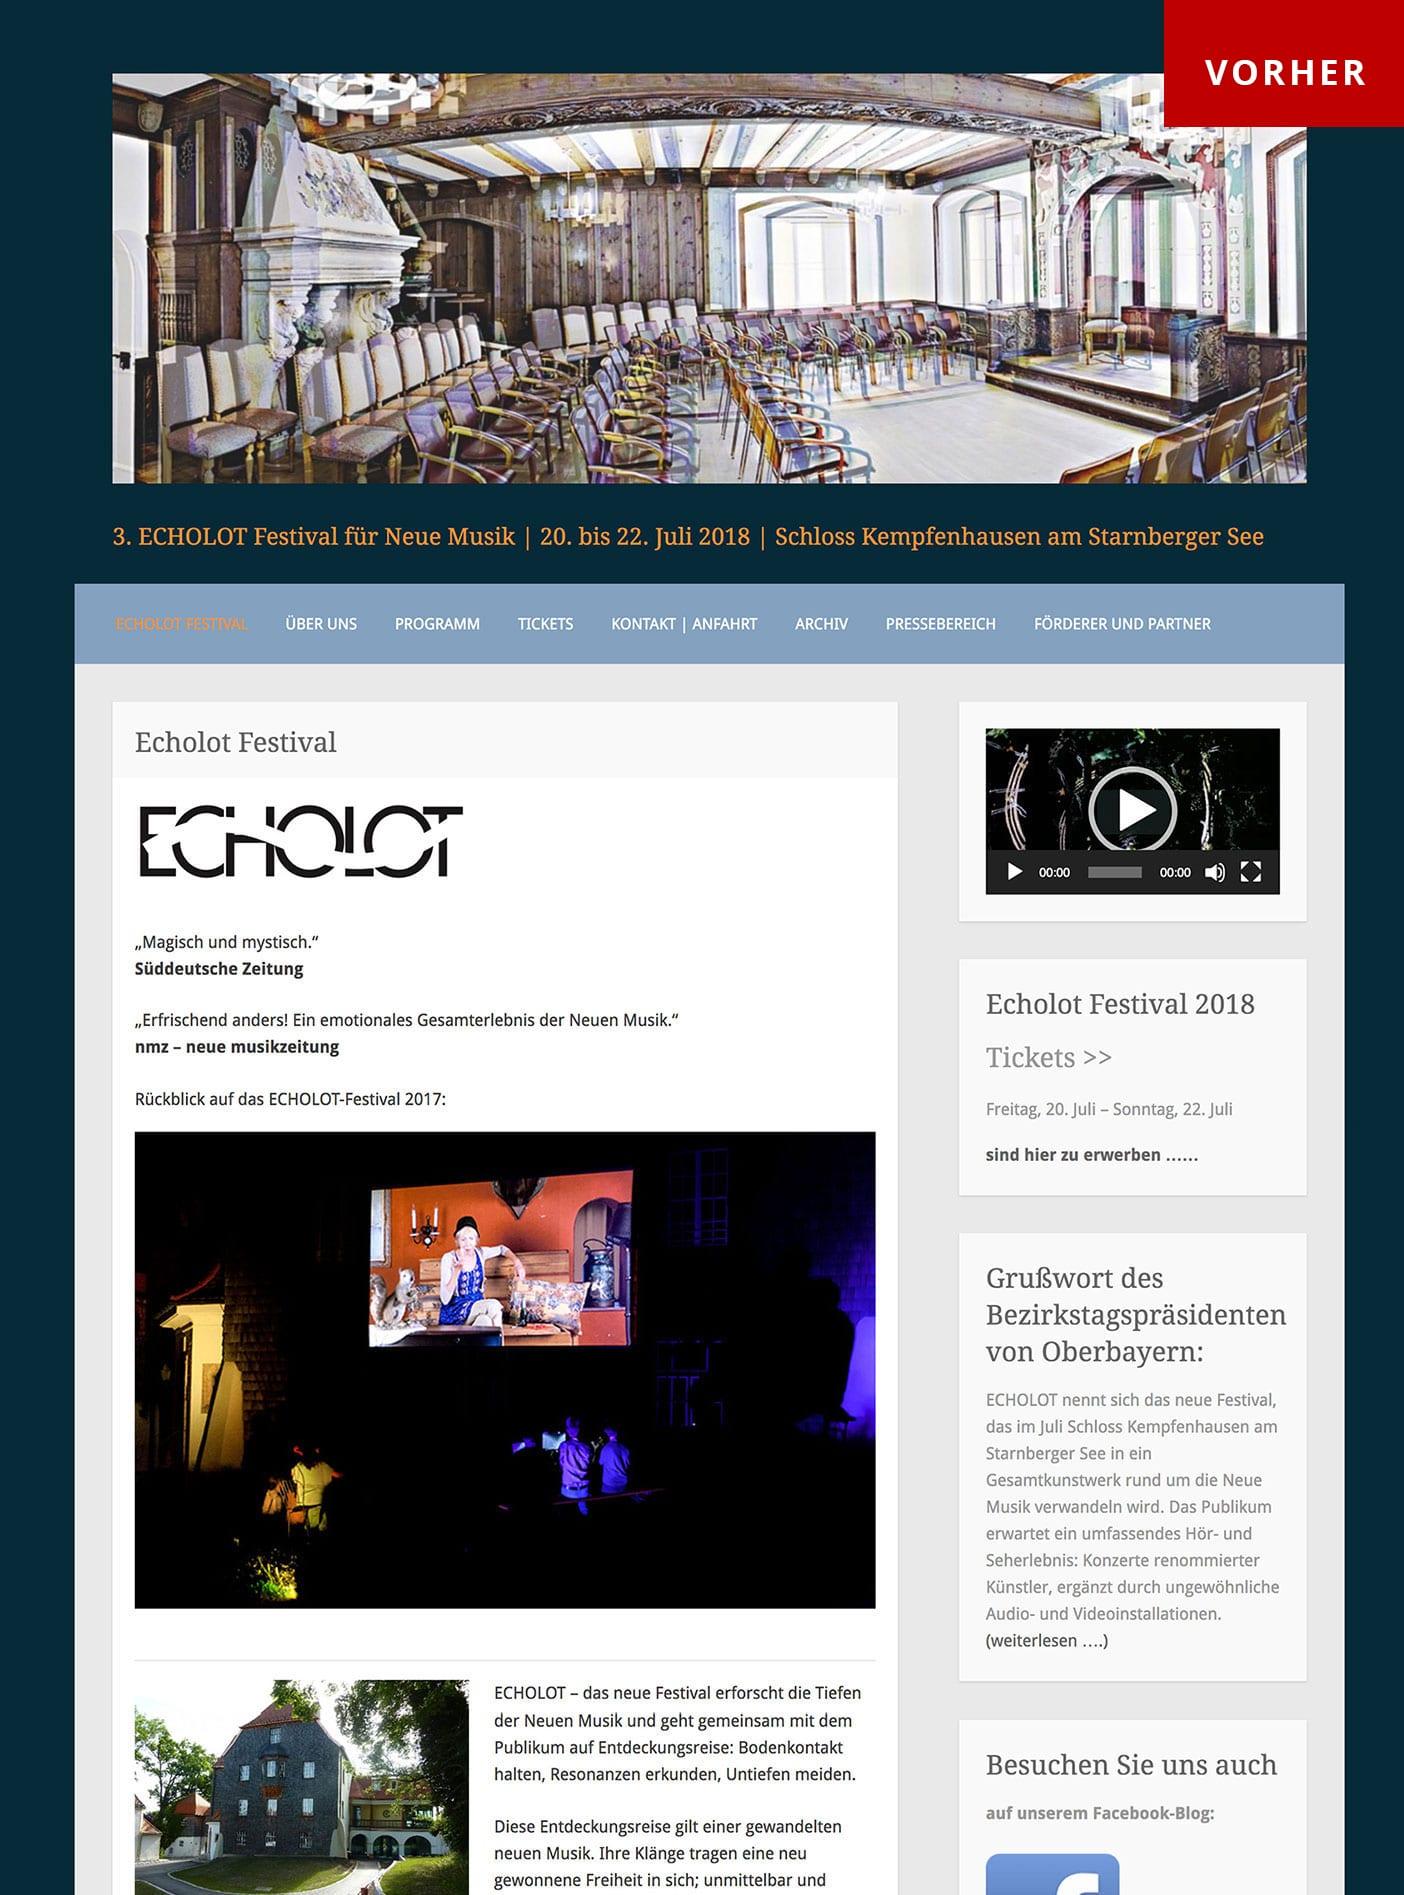 old-website-vorher